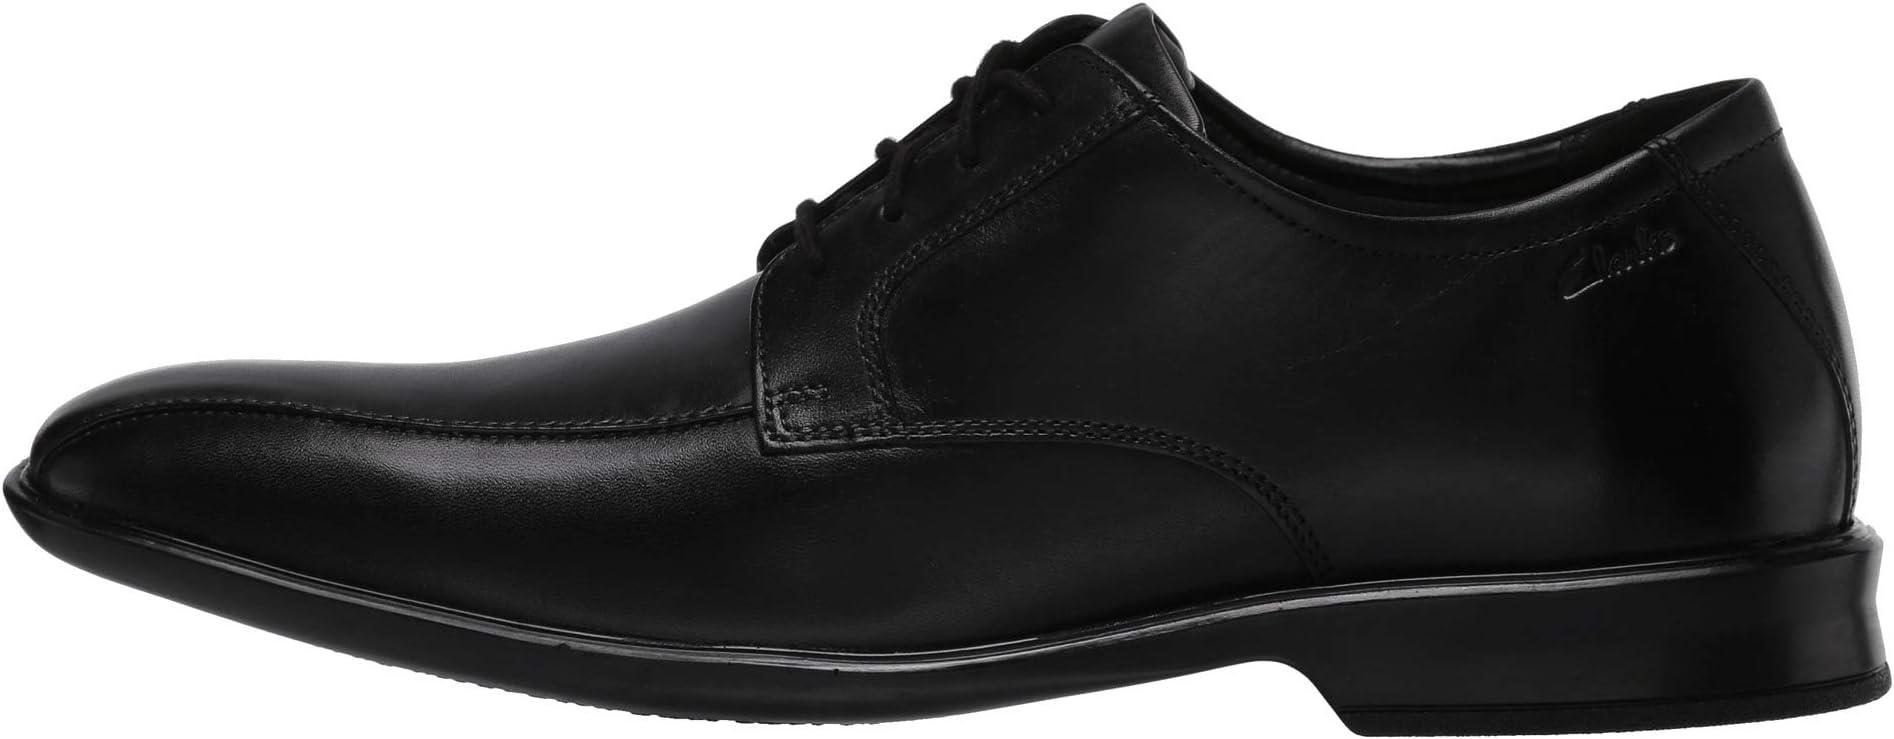 Clarks Bensley Run | Men's shoes | 2020 Newest